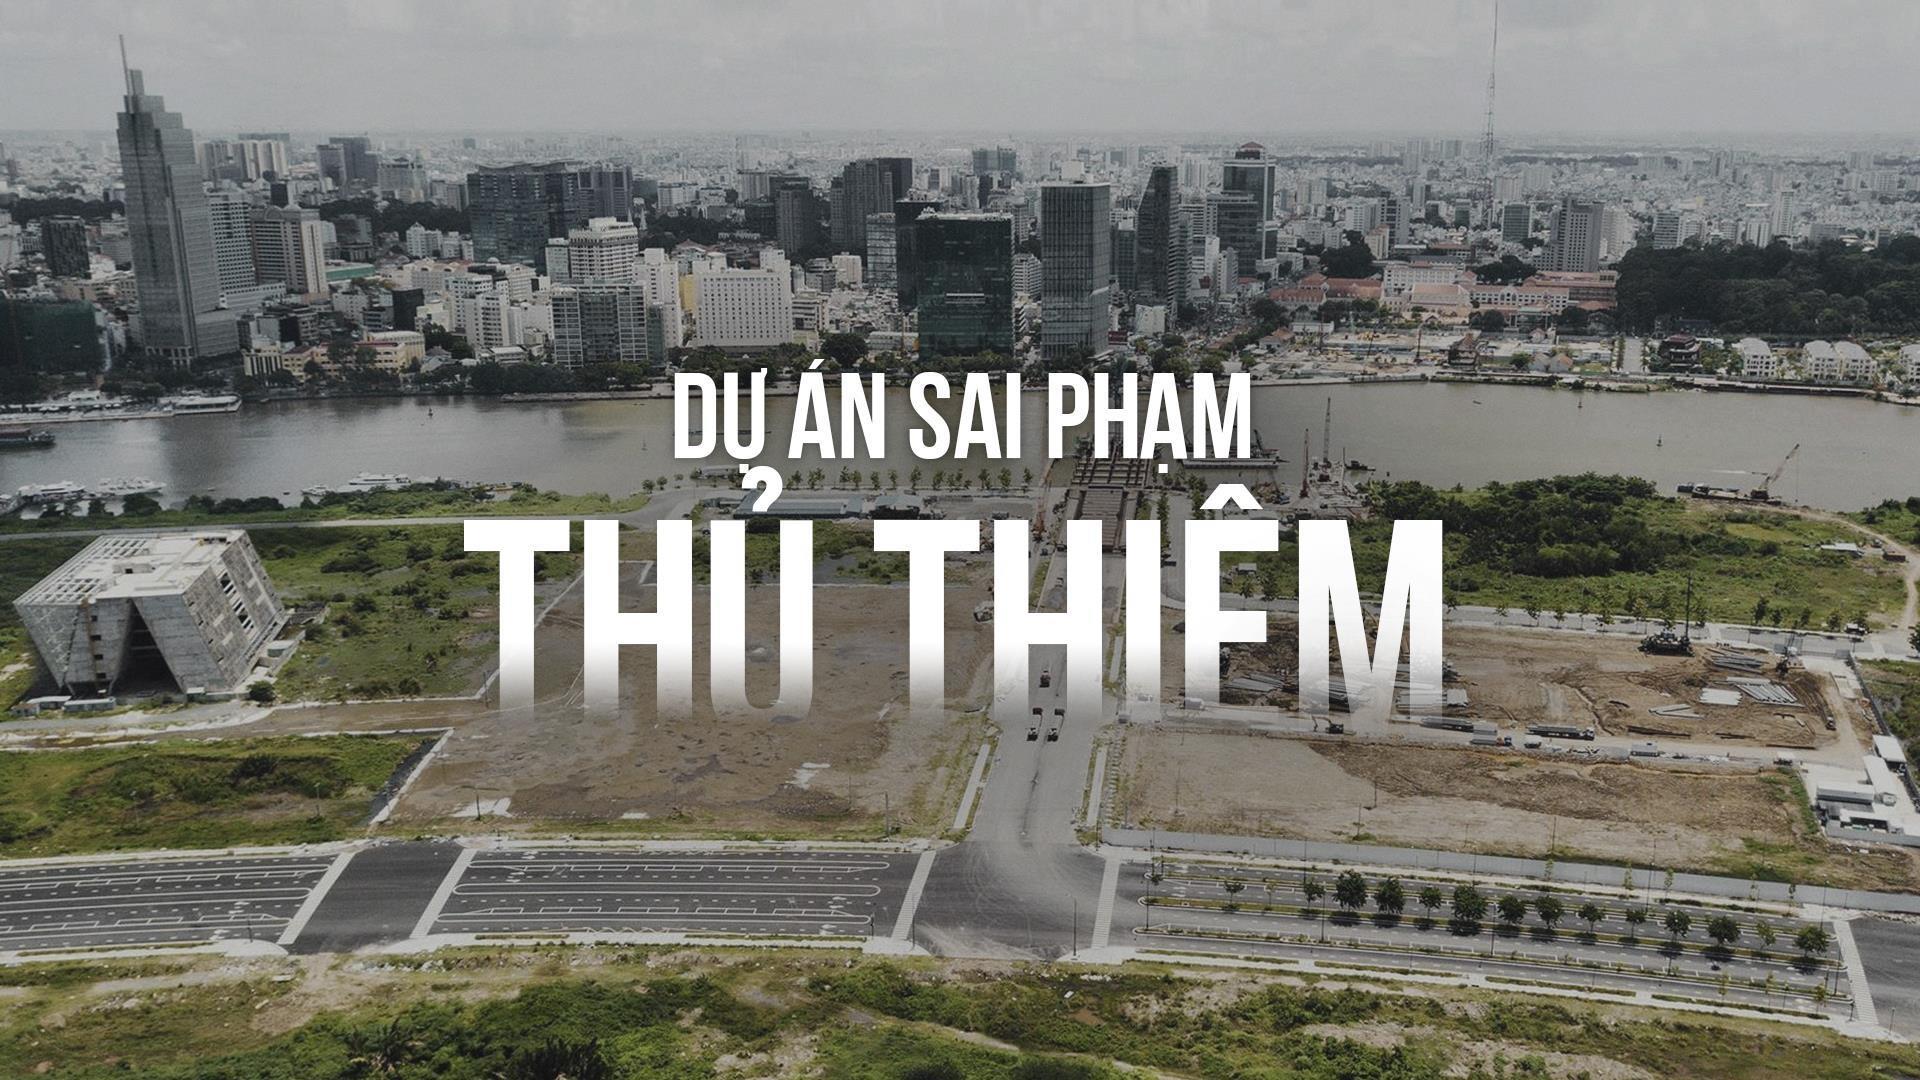 du an sai pham o Thu Thiem anh 1